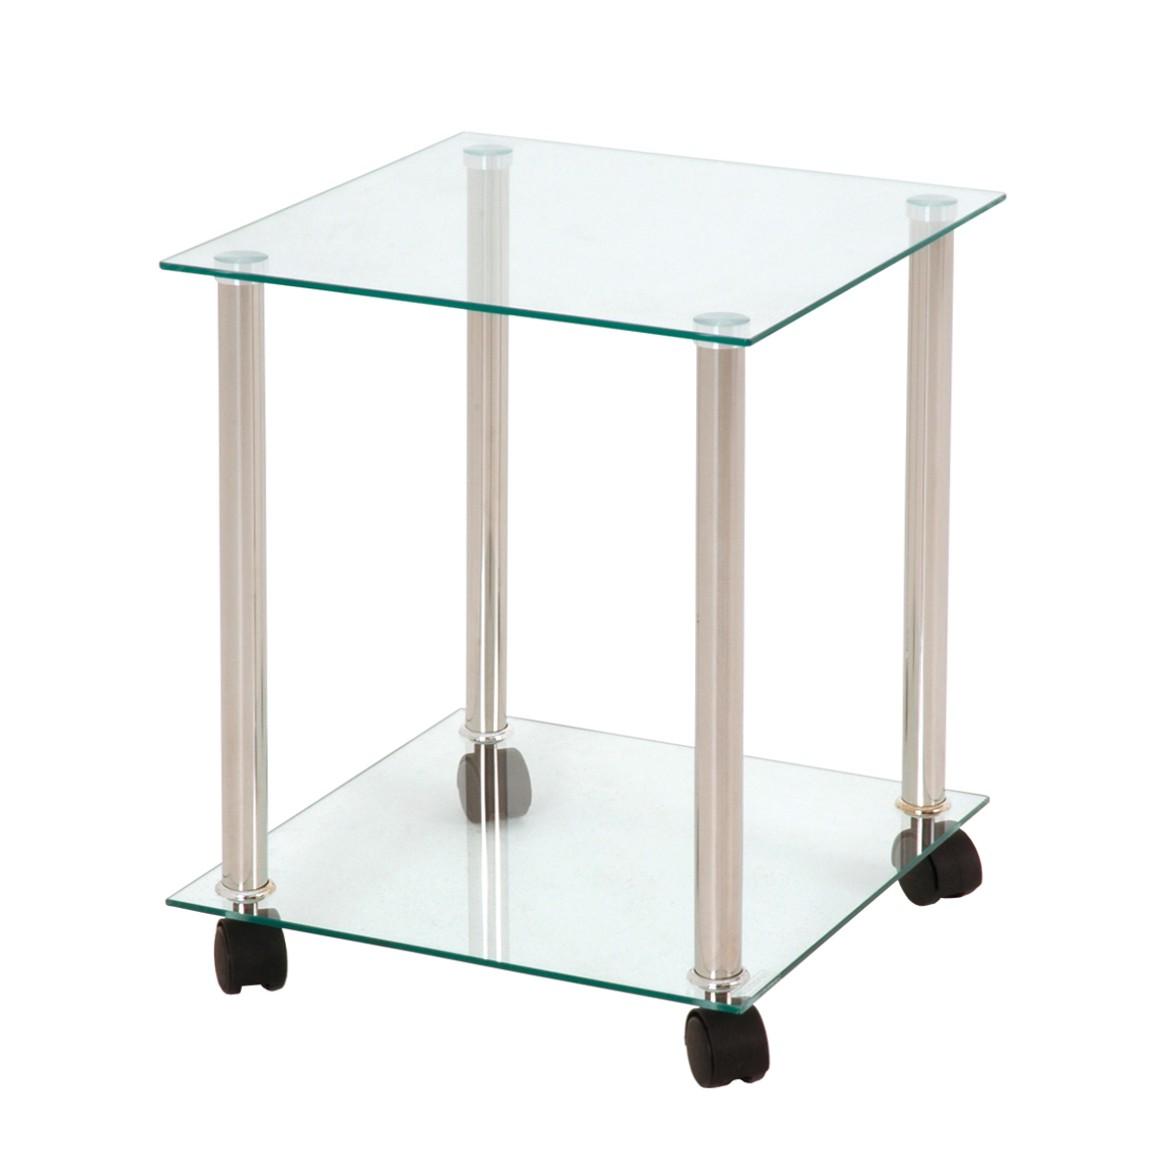 Beistelltisch Adah – Glas/Metall – Klar/Alufarbig, Tollhaus online kaufen